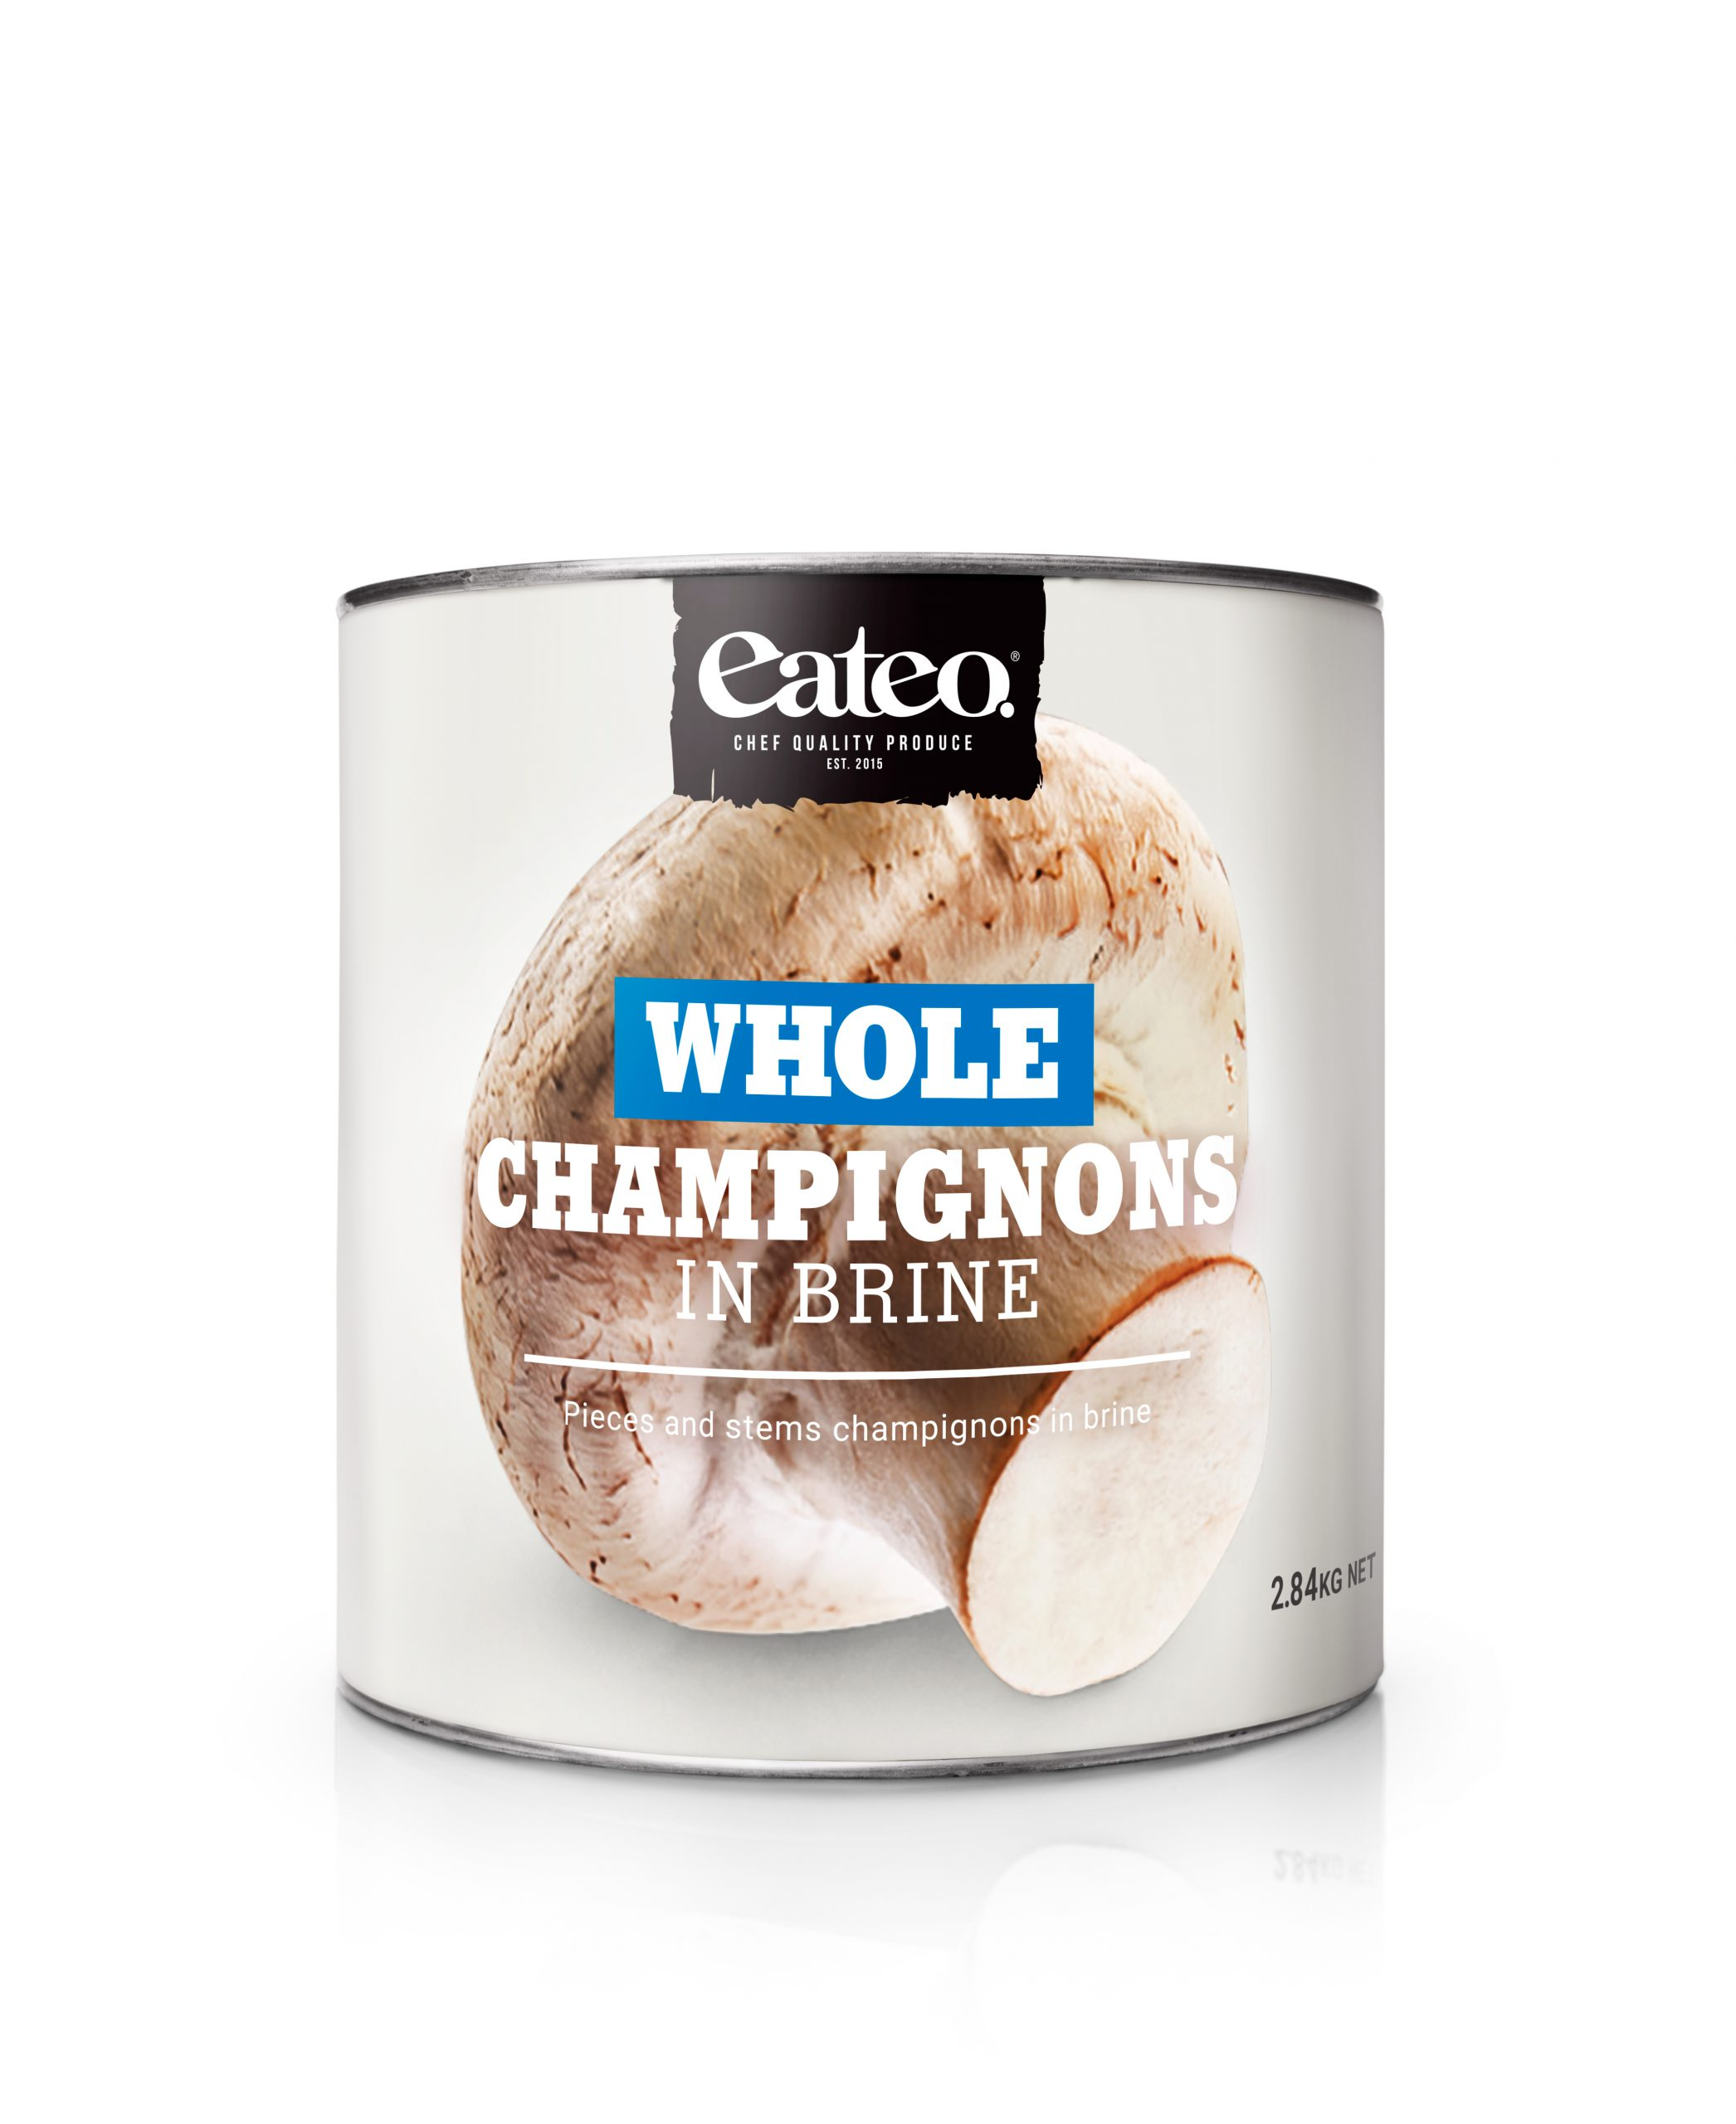 Champignons Whole in Brine